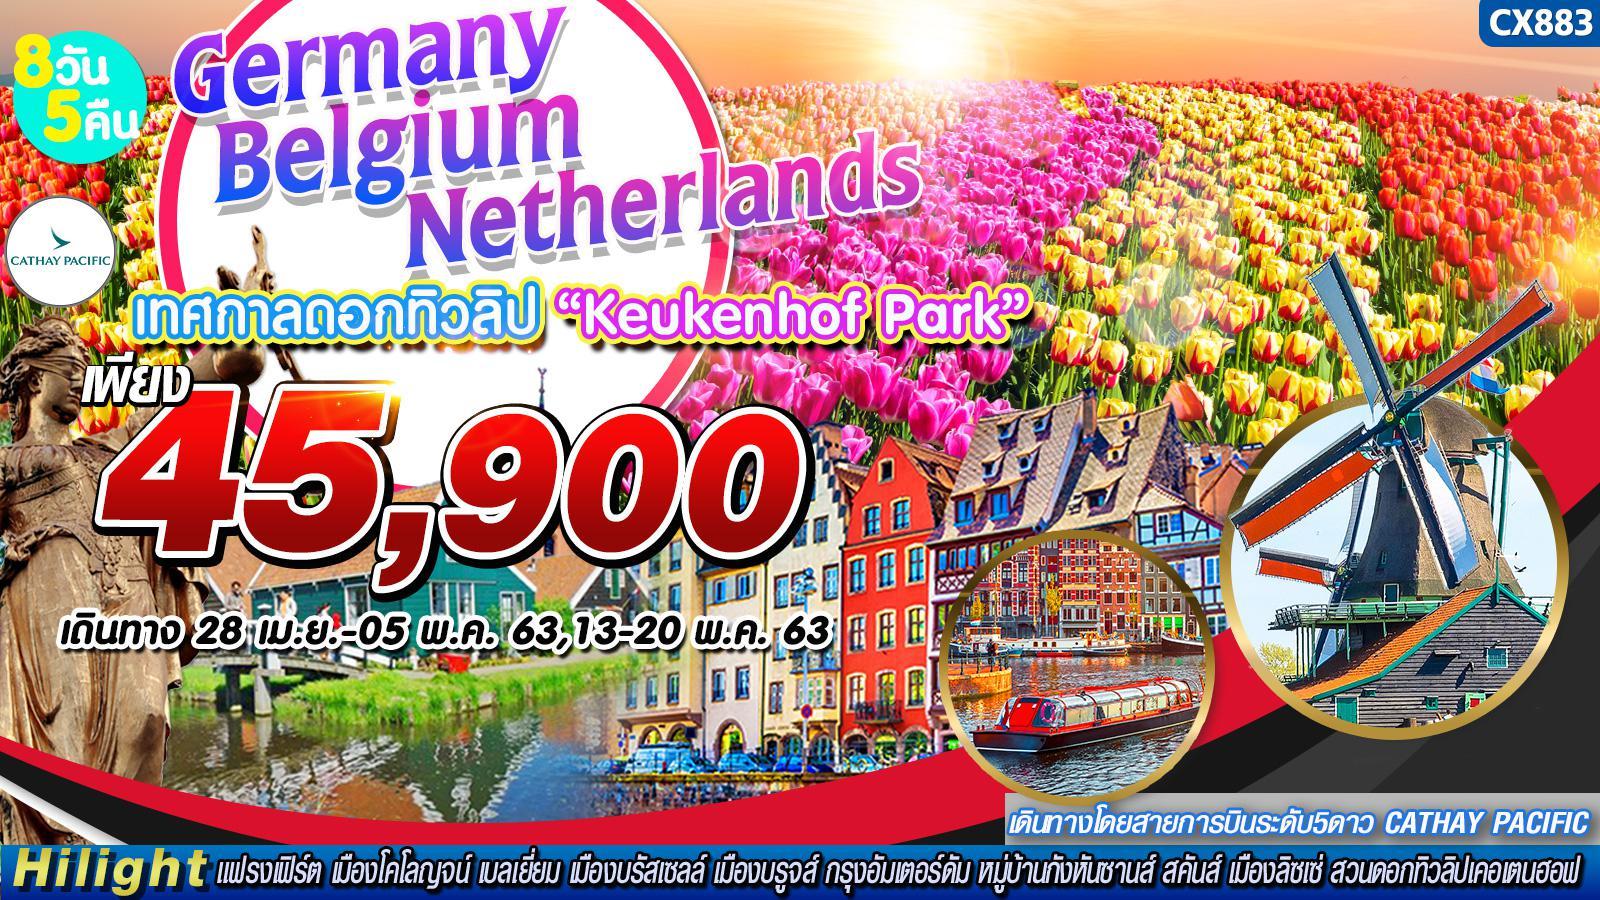 CX883 เทศกาลดอกทิวลิป เยอรมัน เบลเยี่ยม เนเธอร์แลนด์ 8วัน 5คืน